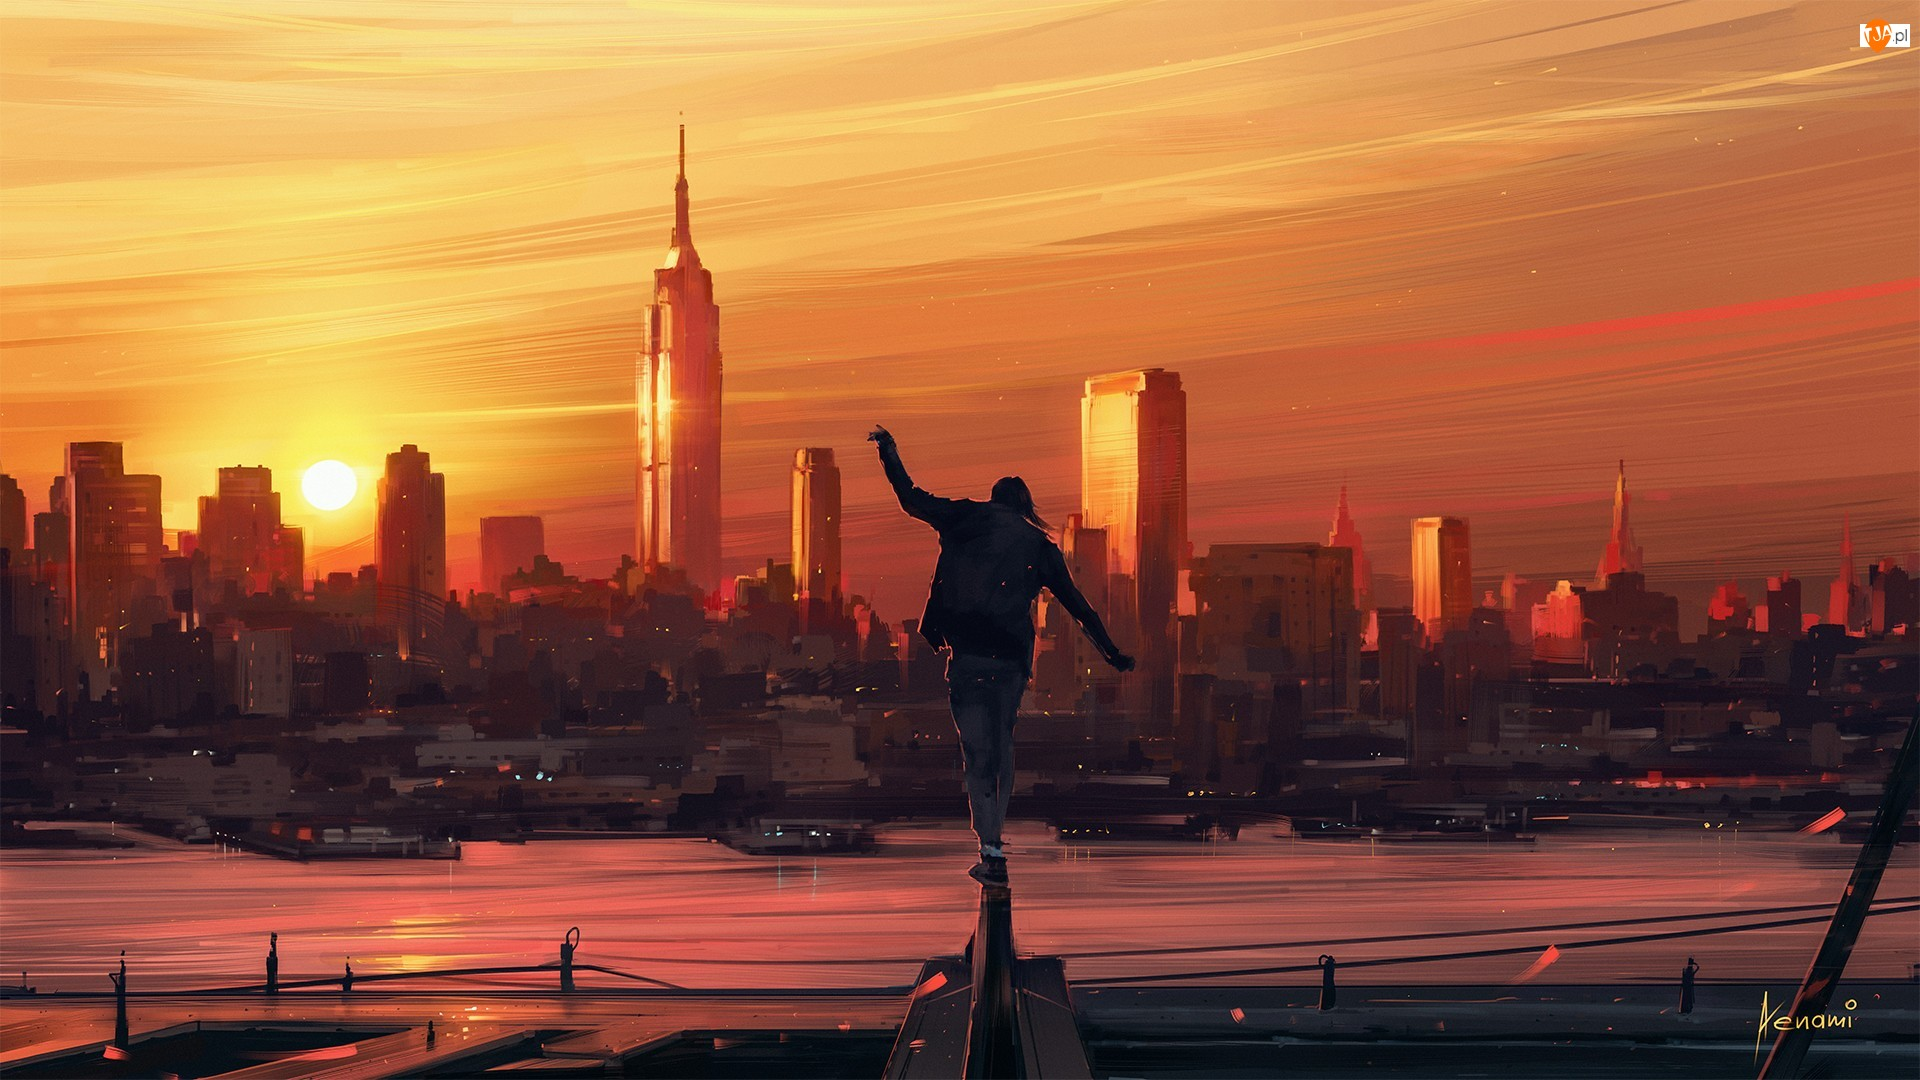 Zdjęcia miasta, Chłopak, Wieżowce, Zachód słońca